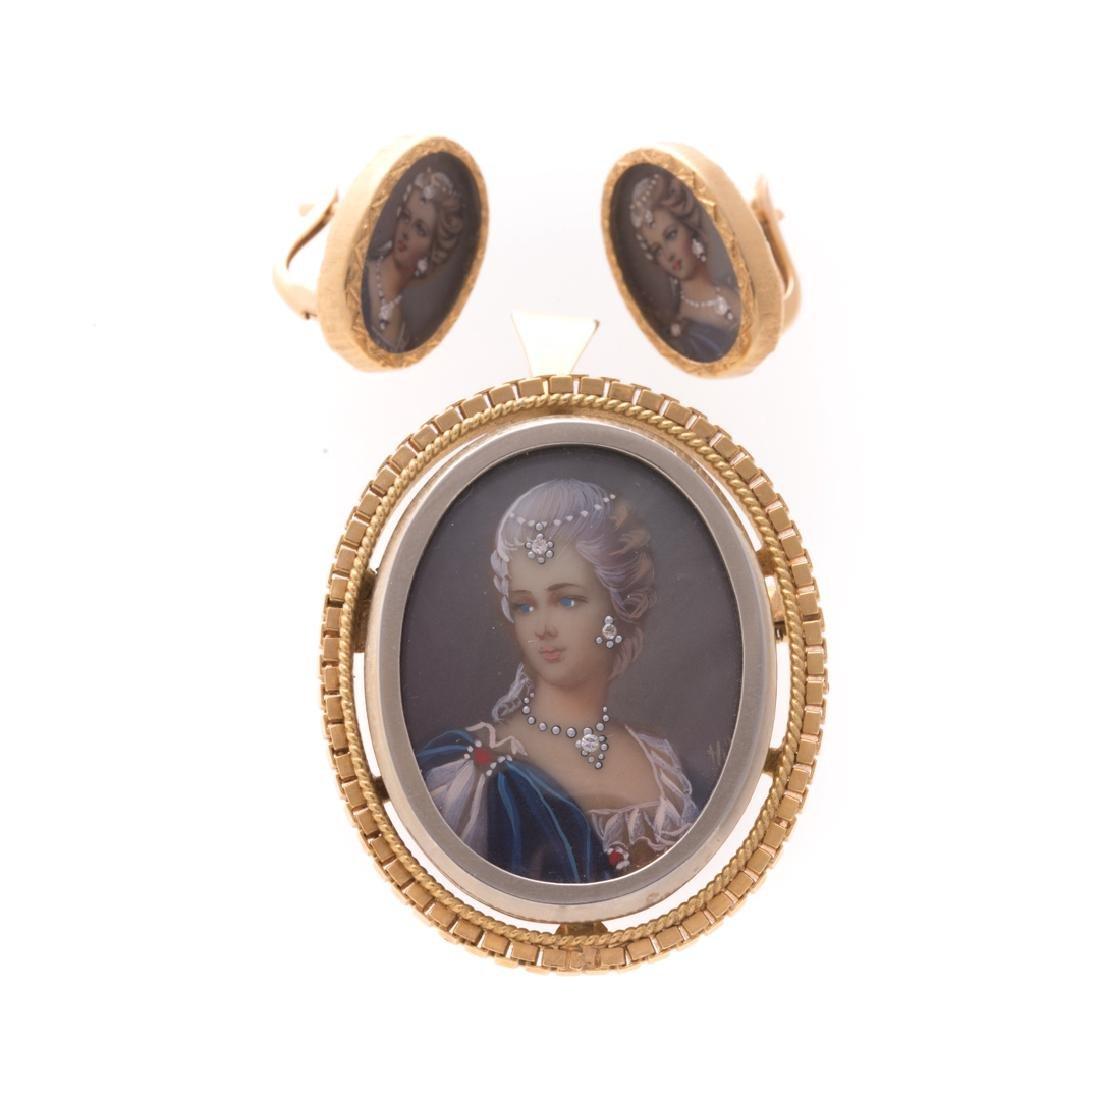 A 18K Hand-Painted Portrait Earring & Pendant Set